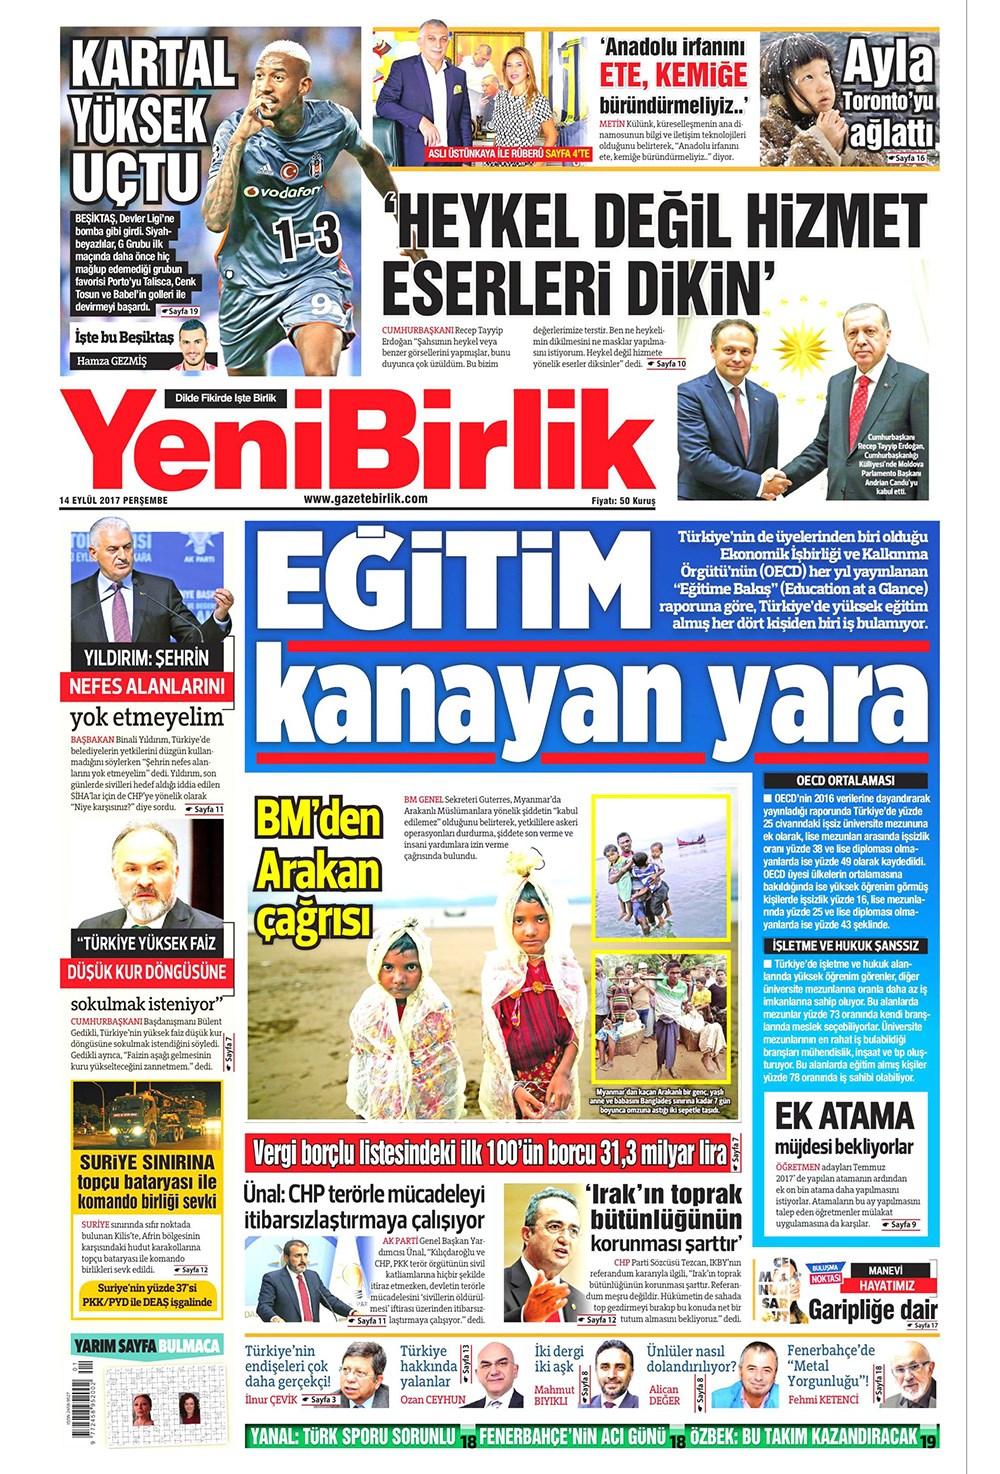 Günün gazete manşetleri - 14 Eylül 2017